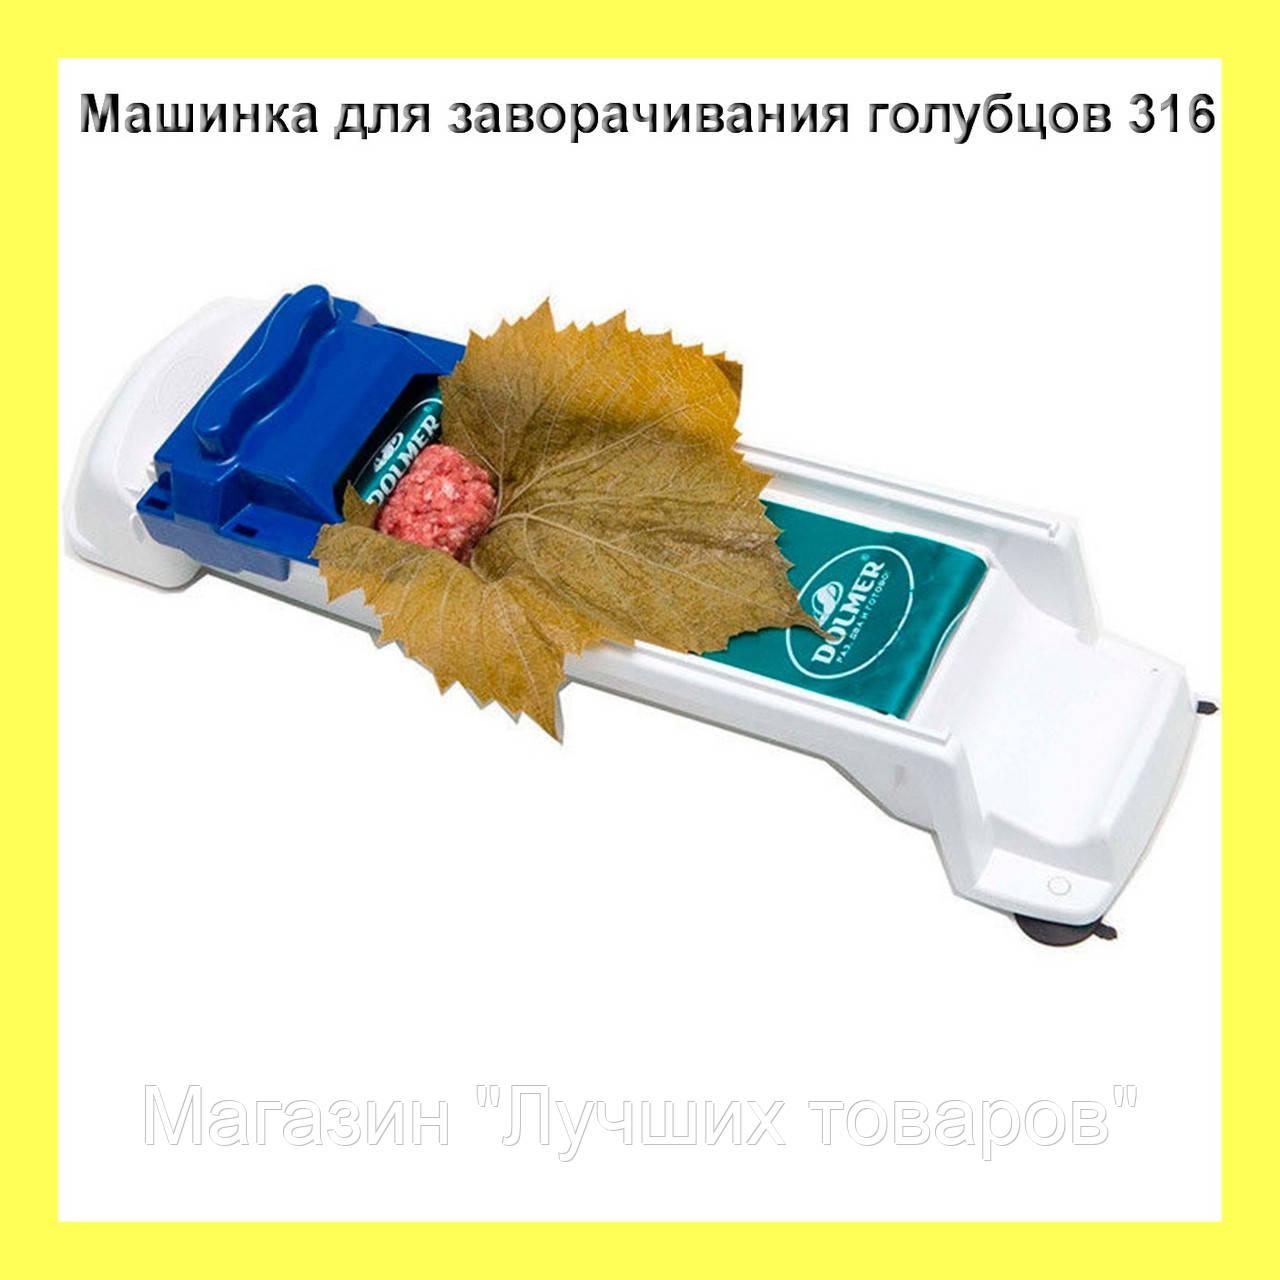 """Машинка для заворачивания голубцов 316!Акция - Магазин """"Лучших товаров"""" в Броварах"""